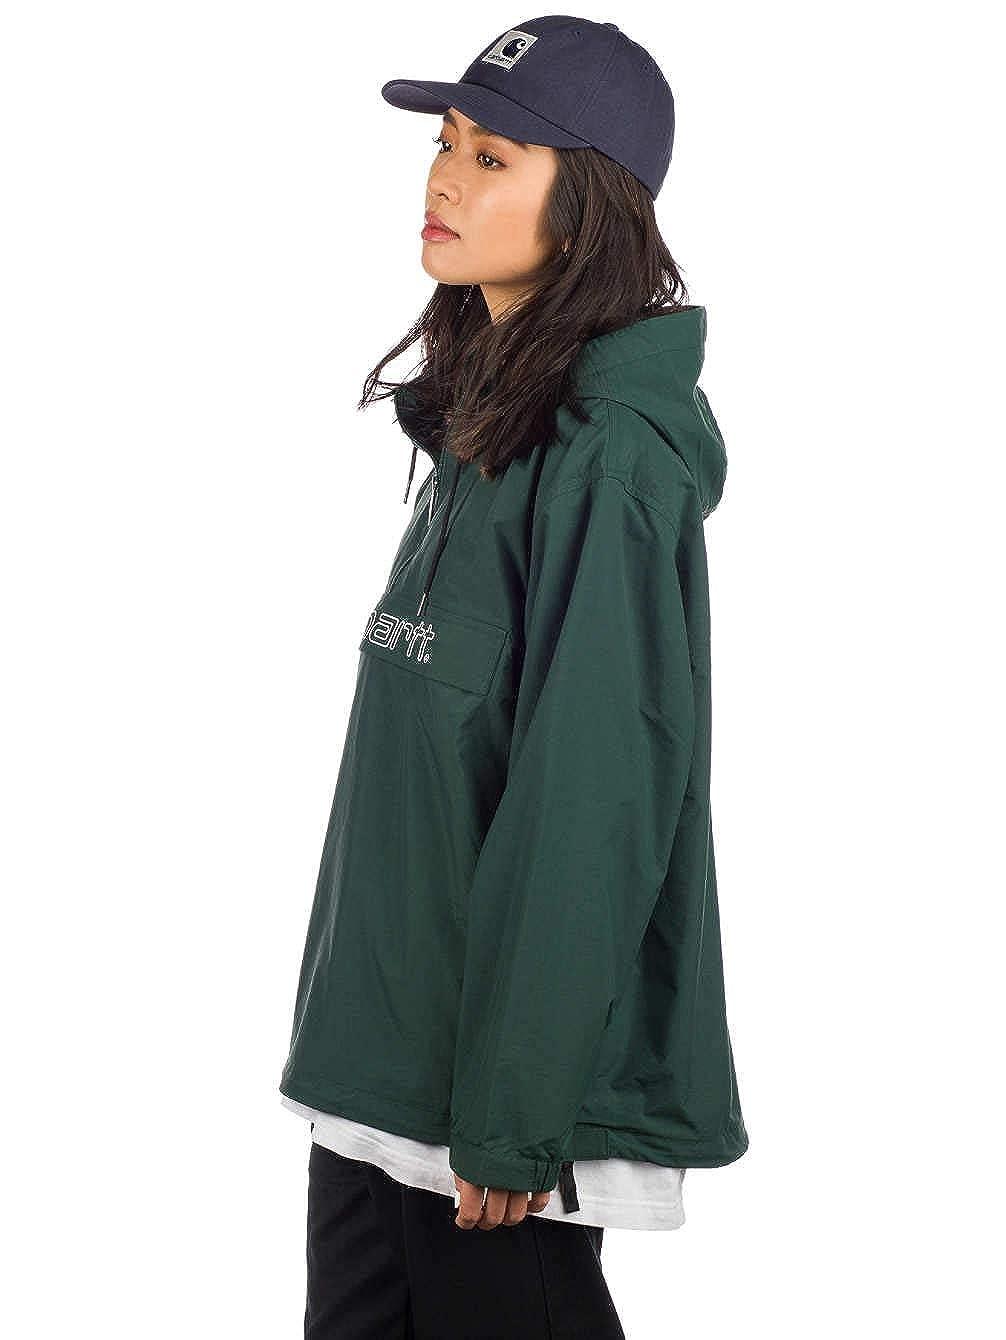 Chaqueta Carhartt Script Pullover Verde Mujer: Amazon.es ...